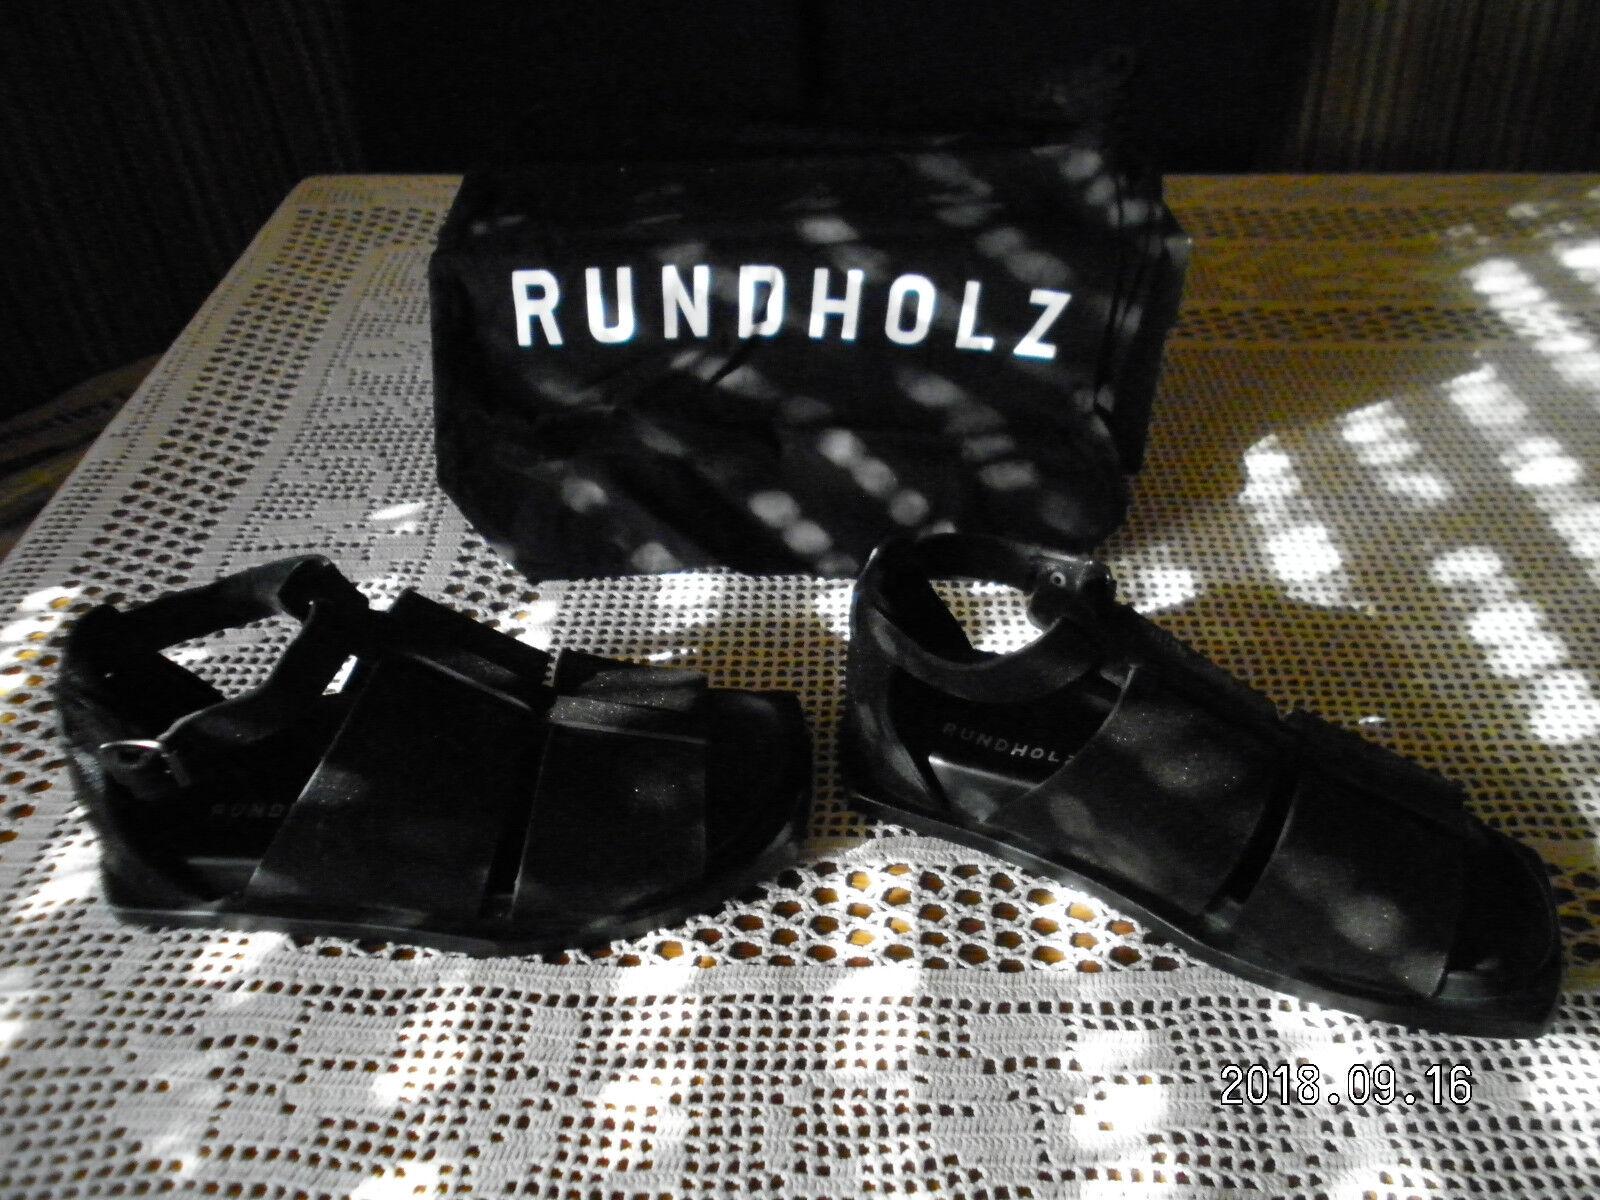 RUNDHOLZ, Scarpe/Sandali, Tg. 36 min. (37), Lagenlook, ca. 5 min. 36 indossato a2af6b